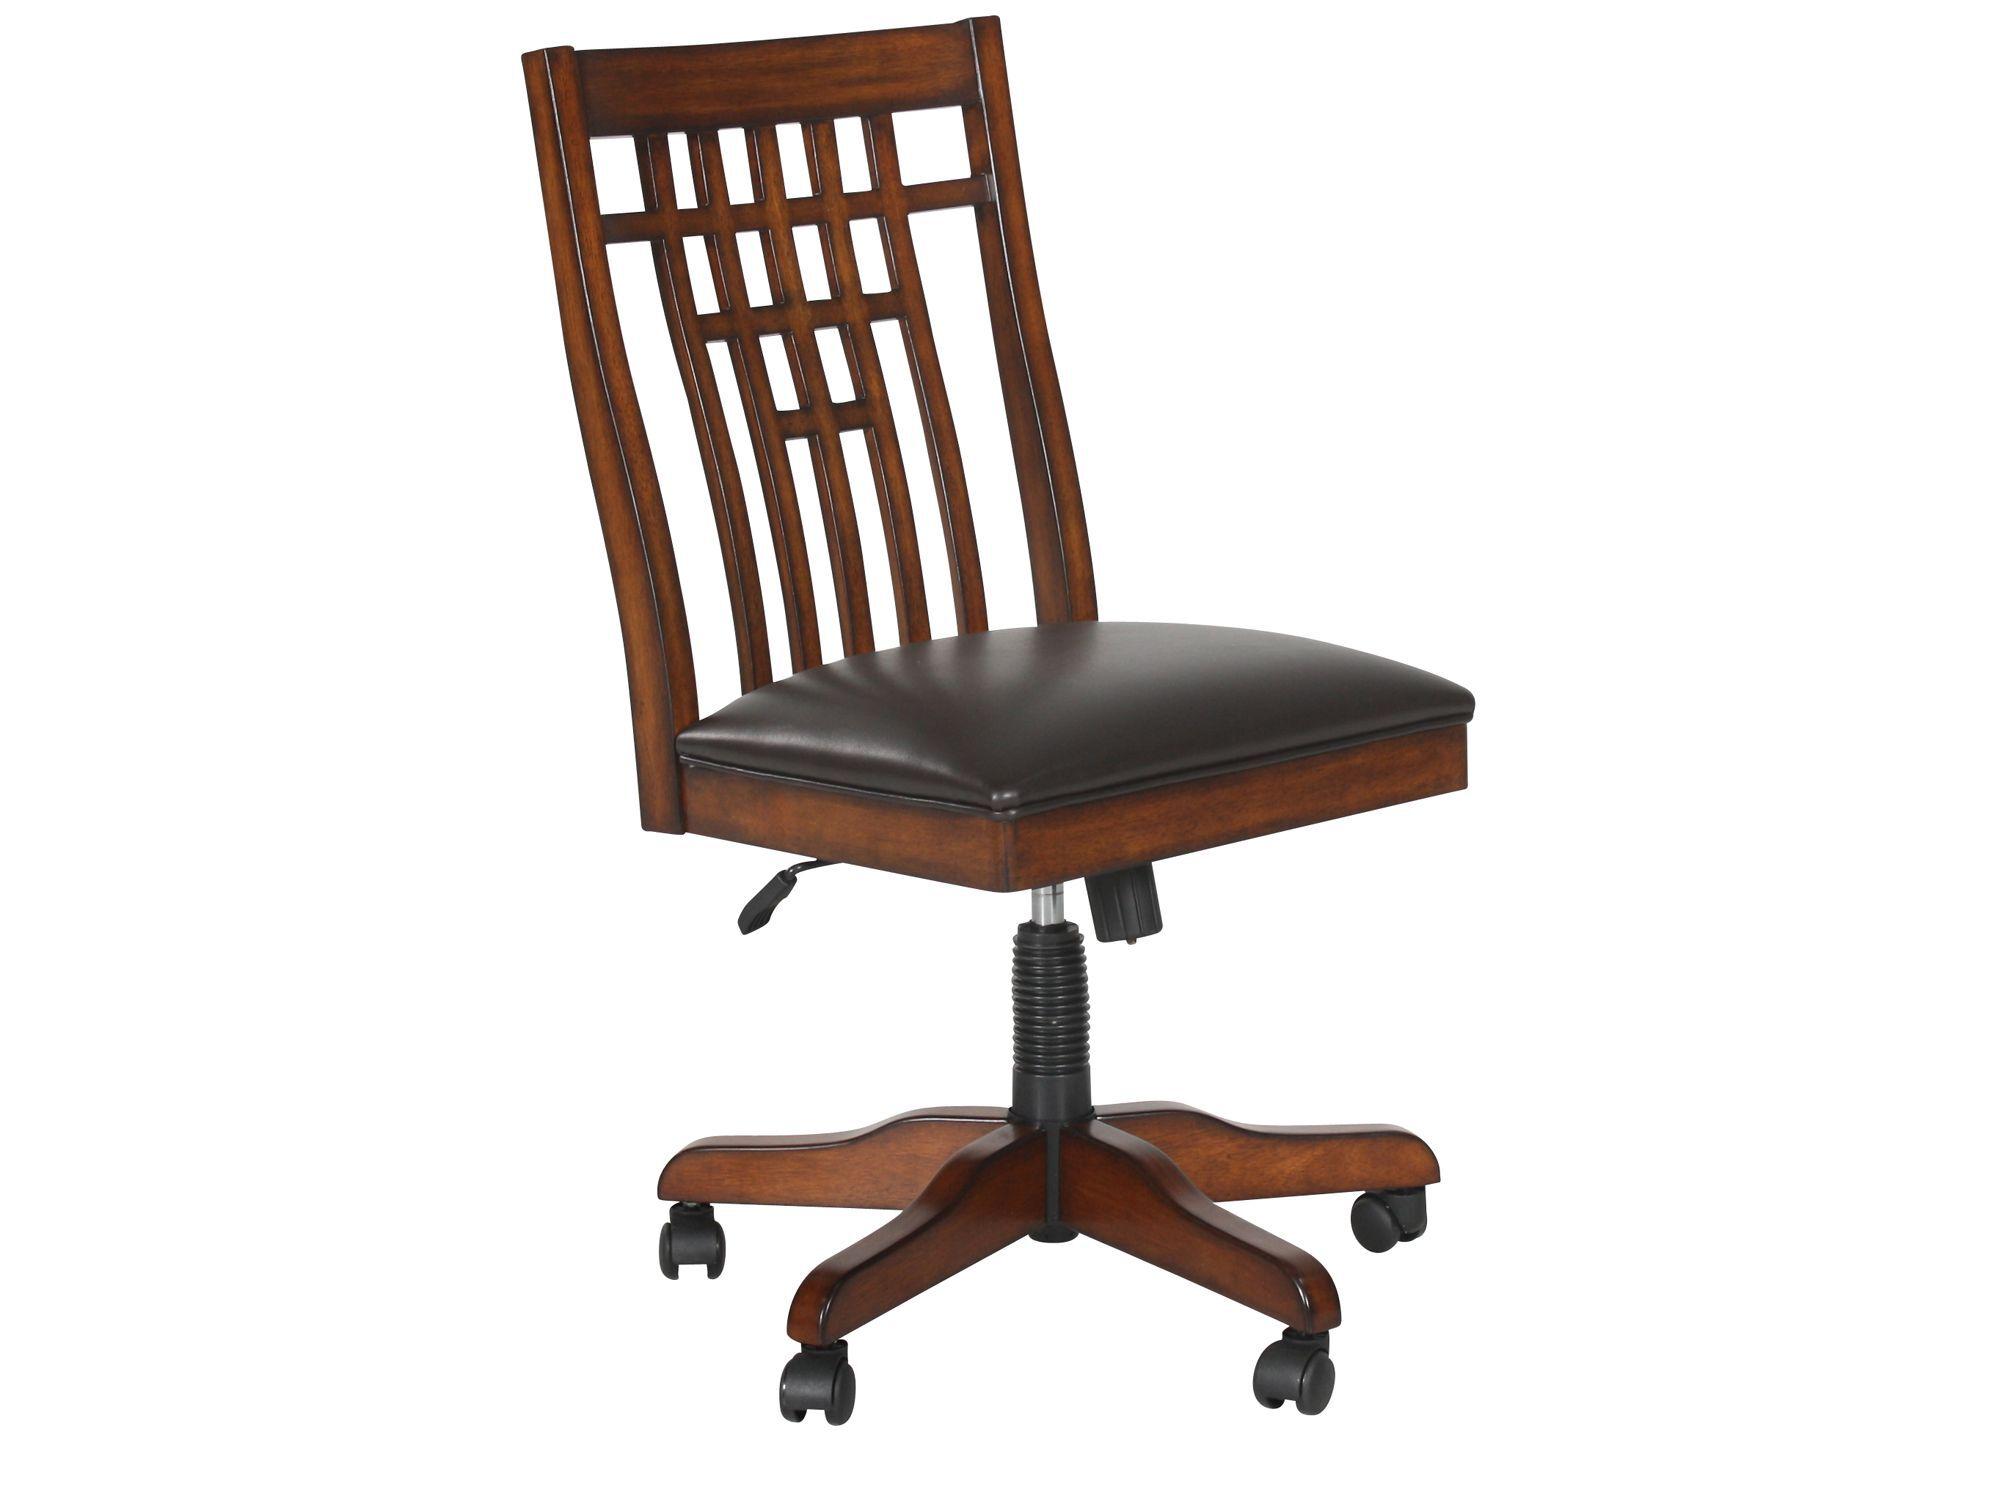 zahara swivel chair wedding covers for sale doncaster spladder back tilt office in medium oak